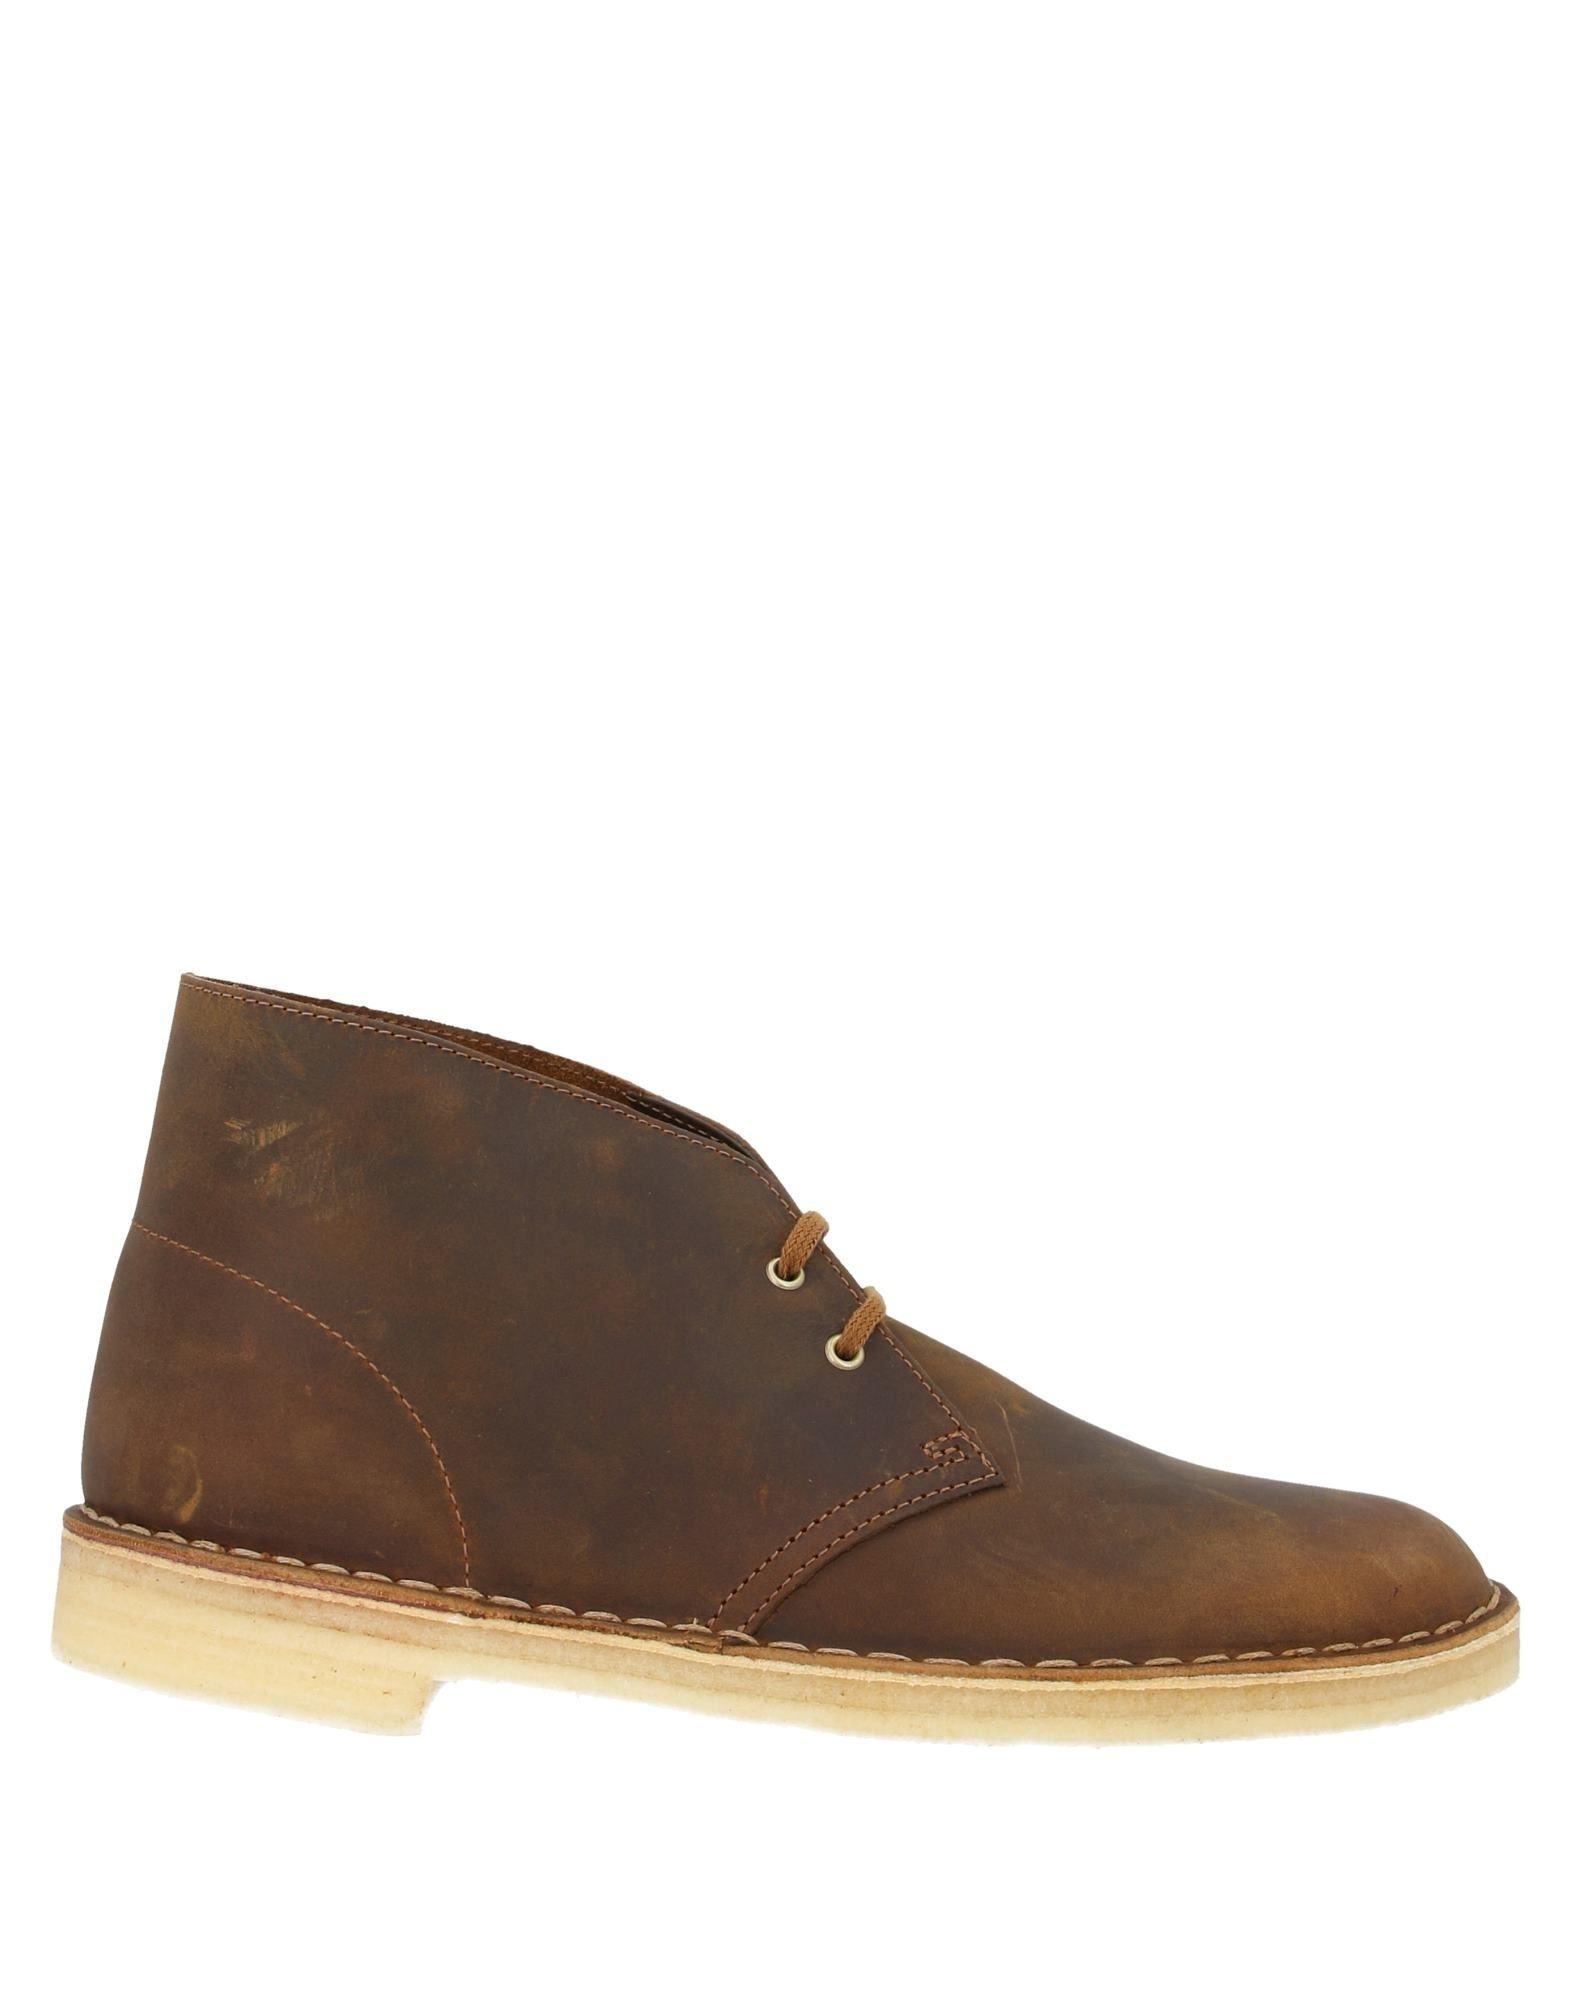 Rabatt Stiefelette echte Schuhe Clarks Originals Stiefelette Rabatt Herren  11003031RU 9c91a6